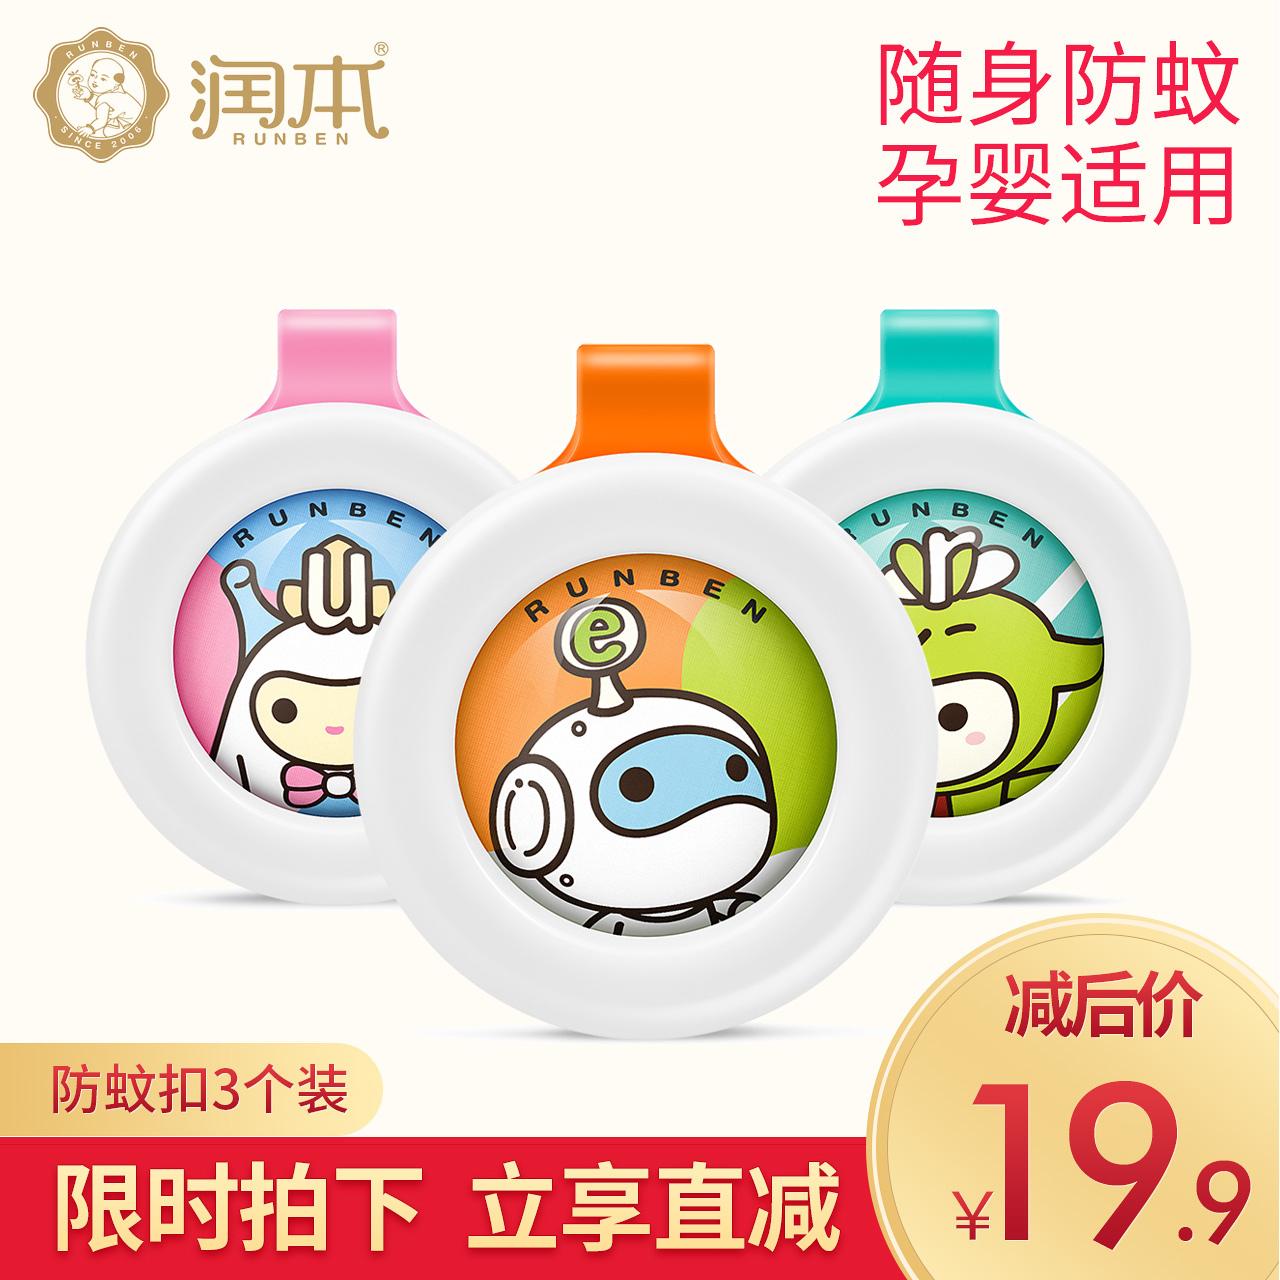 润本驱蚊扣婴儿童防蚊手环宝宝户外驱蚊神器成人孕妇手环表随身贴